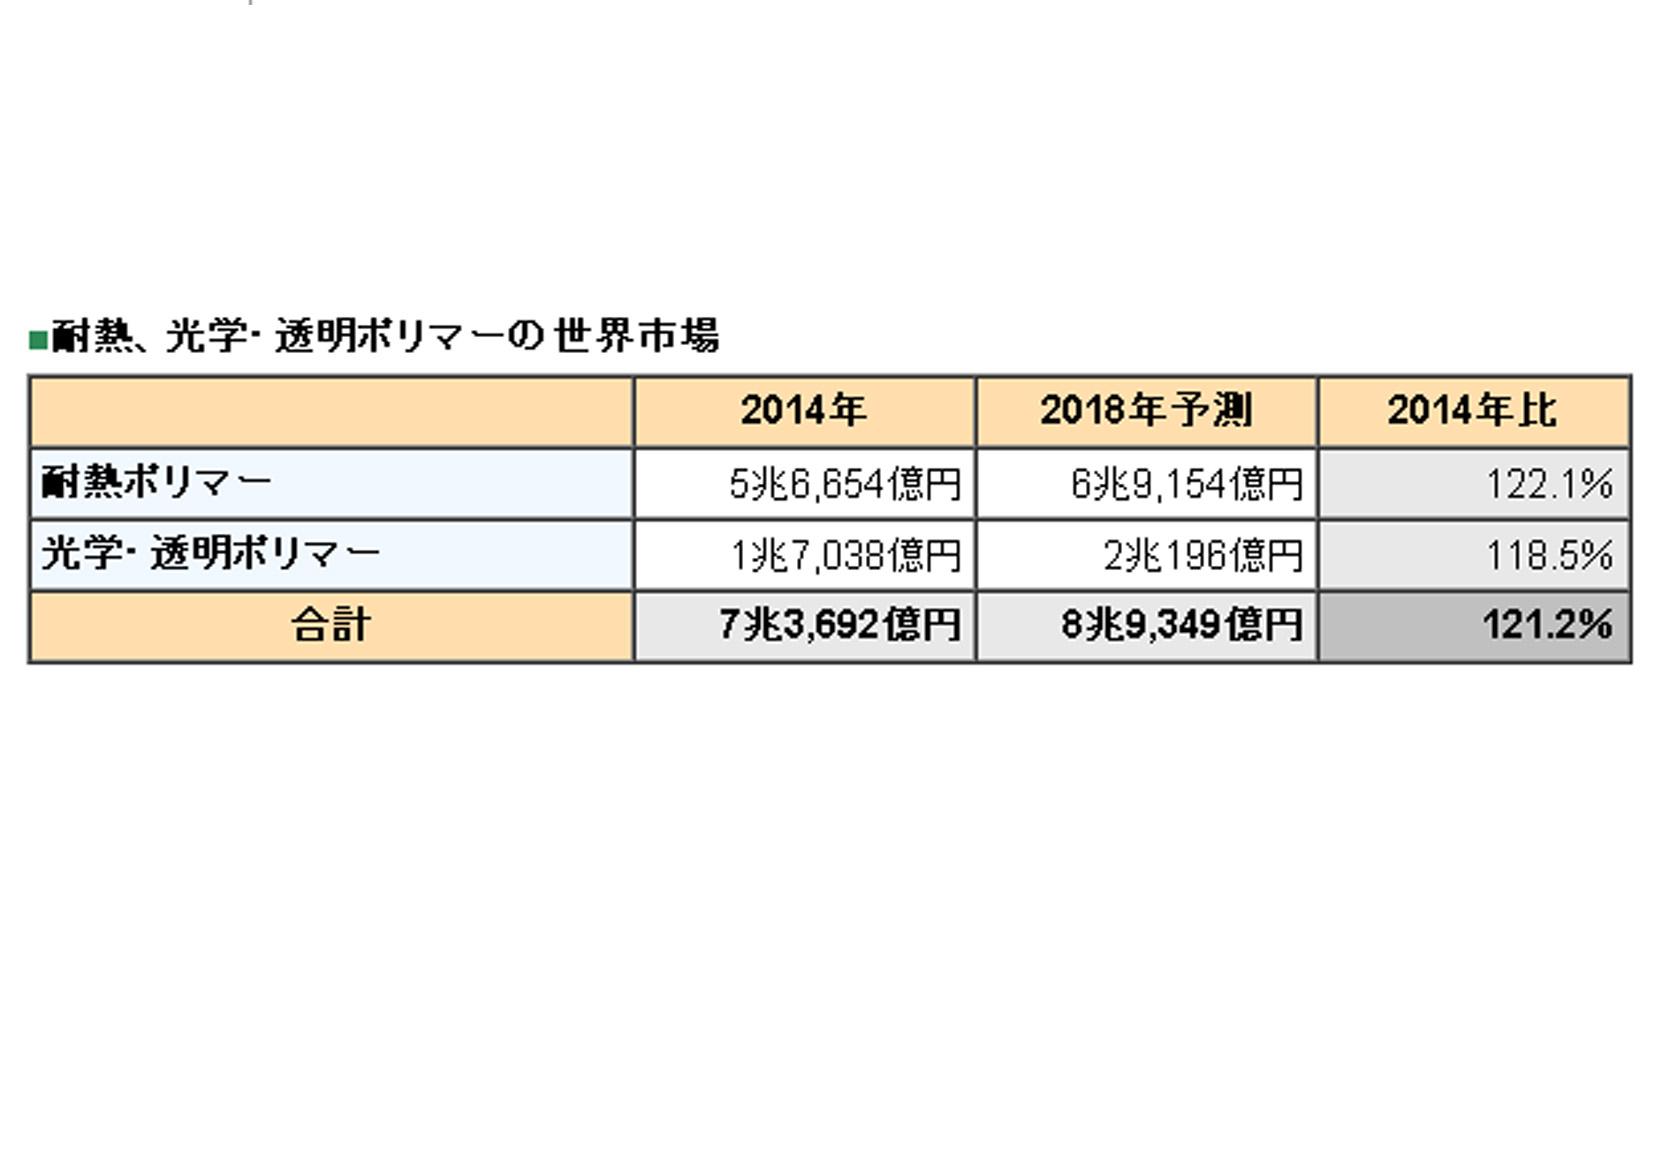 2014年光学・透明ポリマー市場は1兆7,038億円,前年比9.4%増